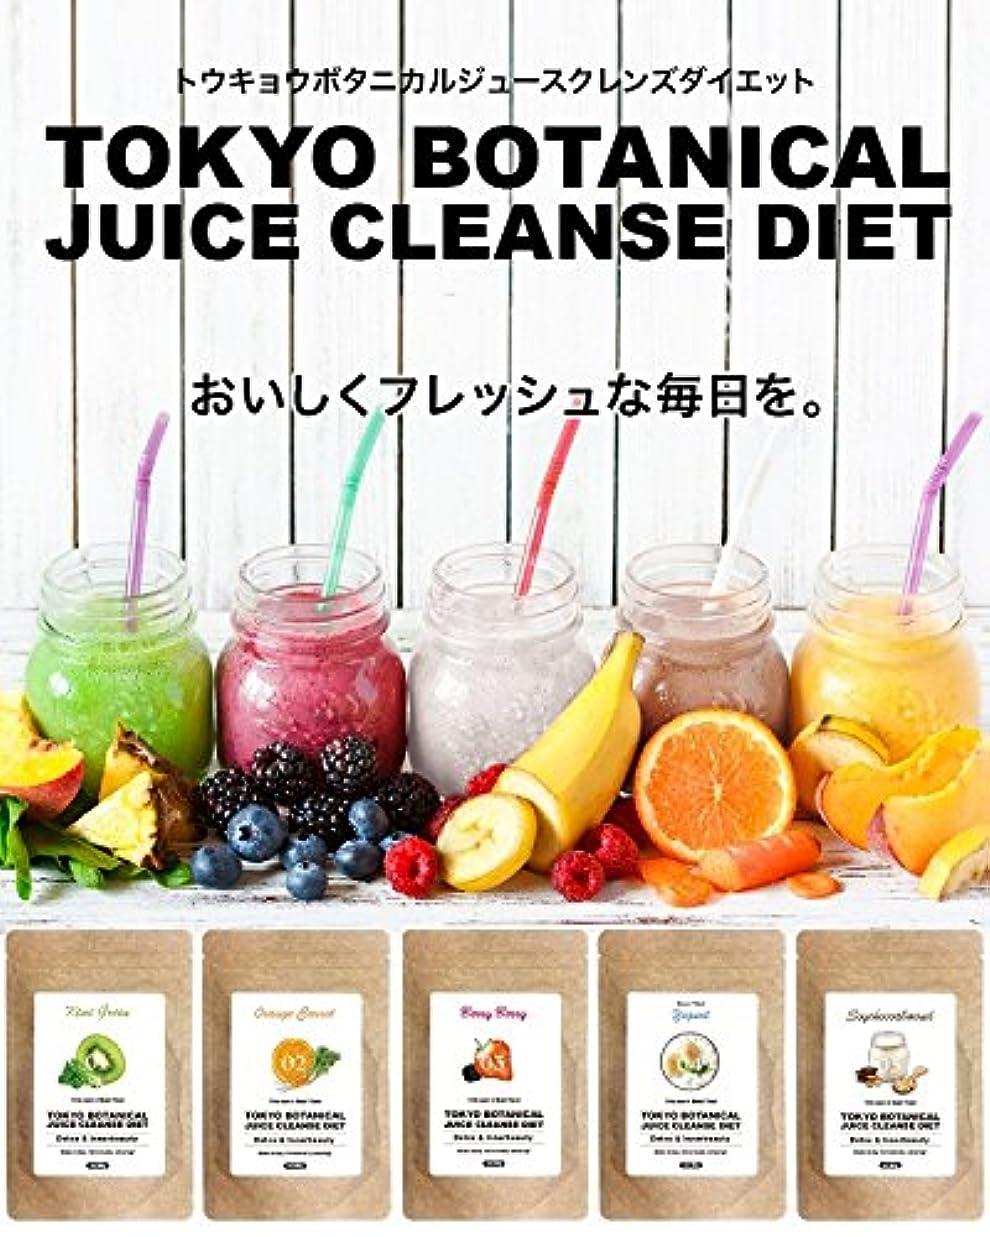 ダイエット 東京ボタニカルジュースクレンズダイエット キイウィグリーン&ベリーベリーセット